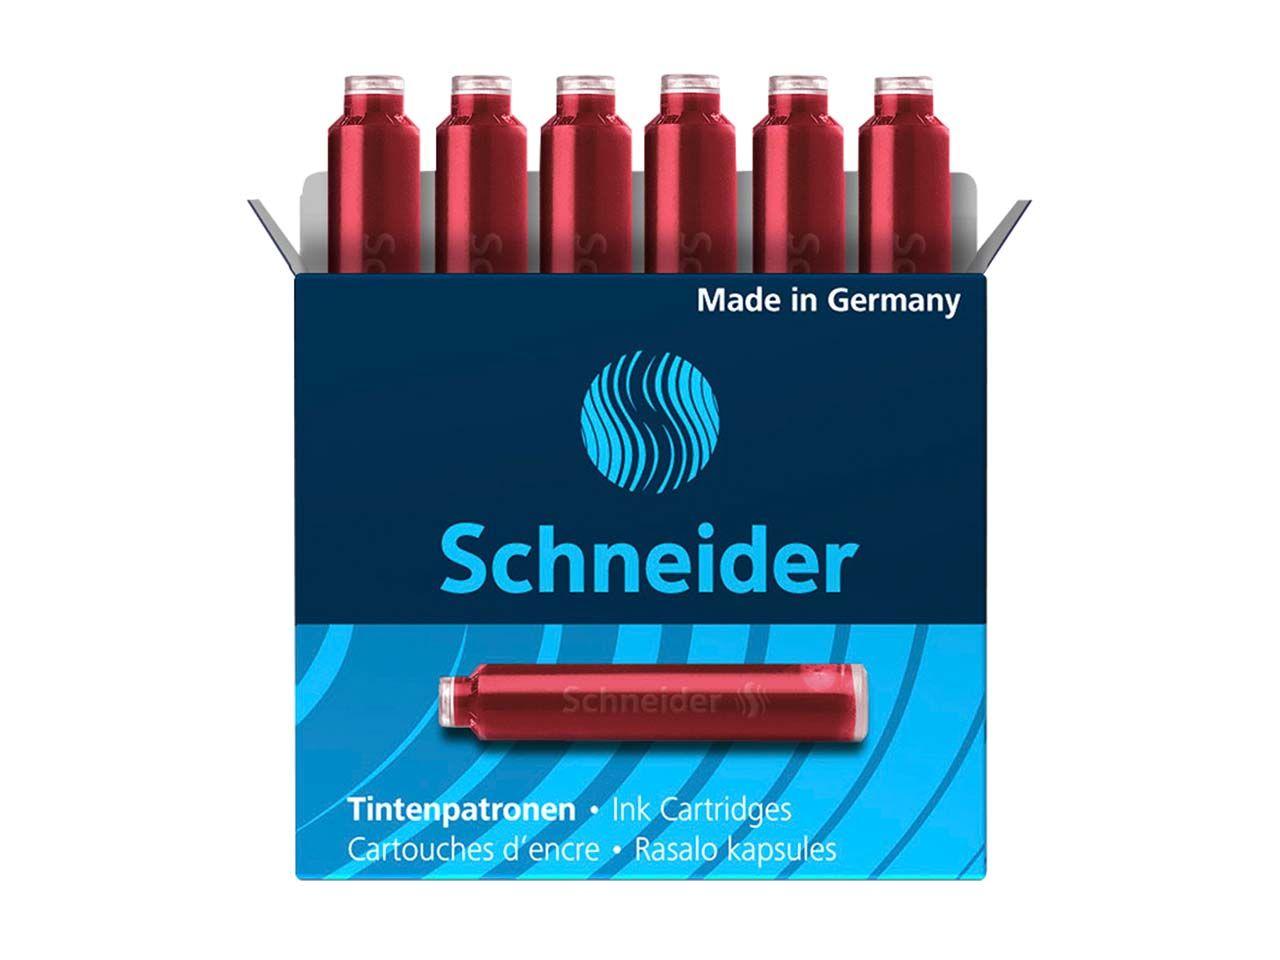 6 Schneider Tintenpatronen 6602 für Füller, rot 50-6602